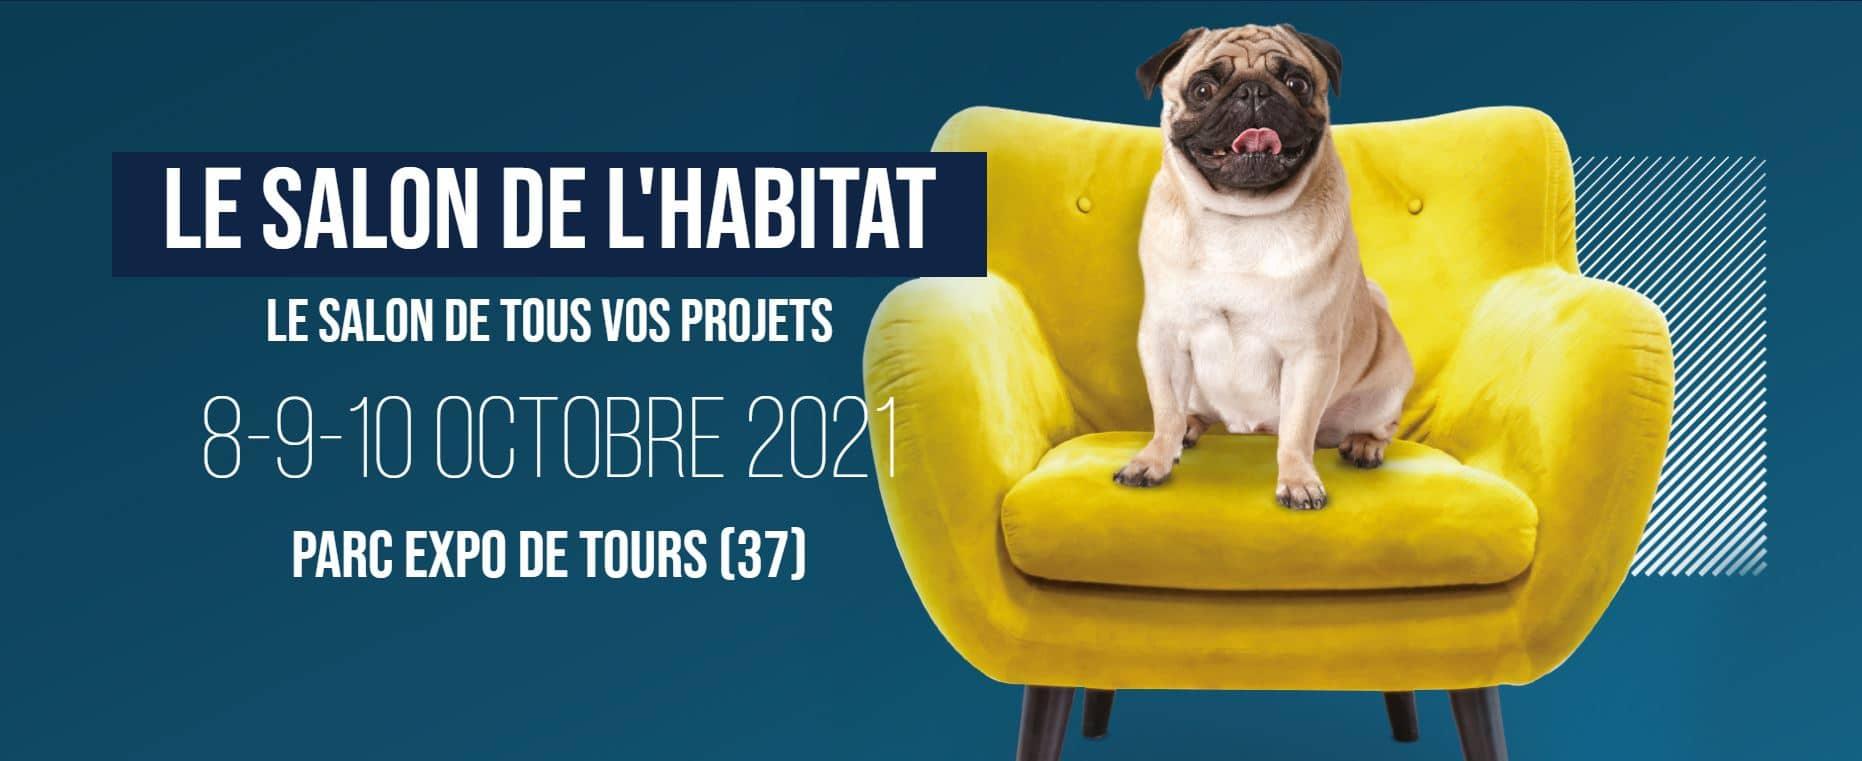 Salon de l'habitat de Tours 2021.